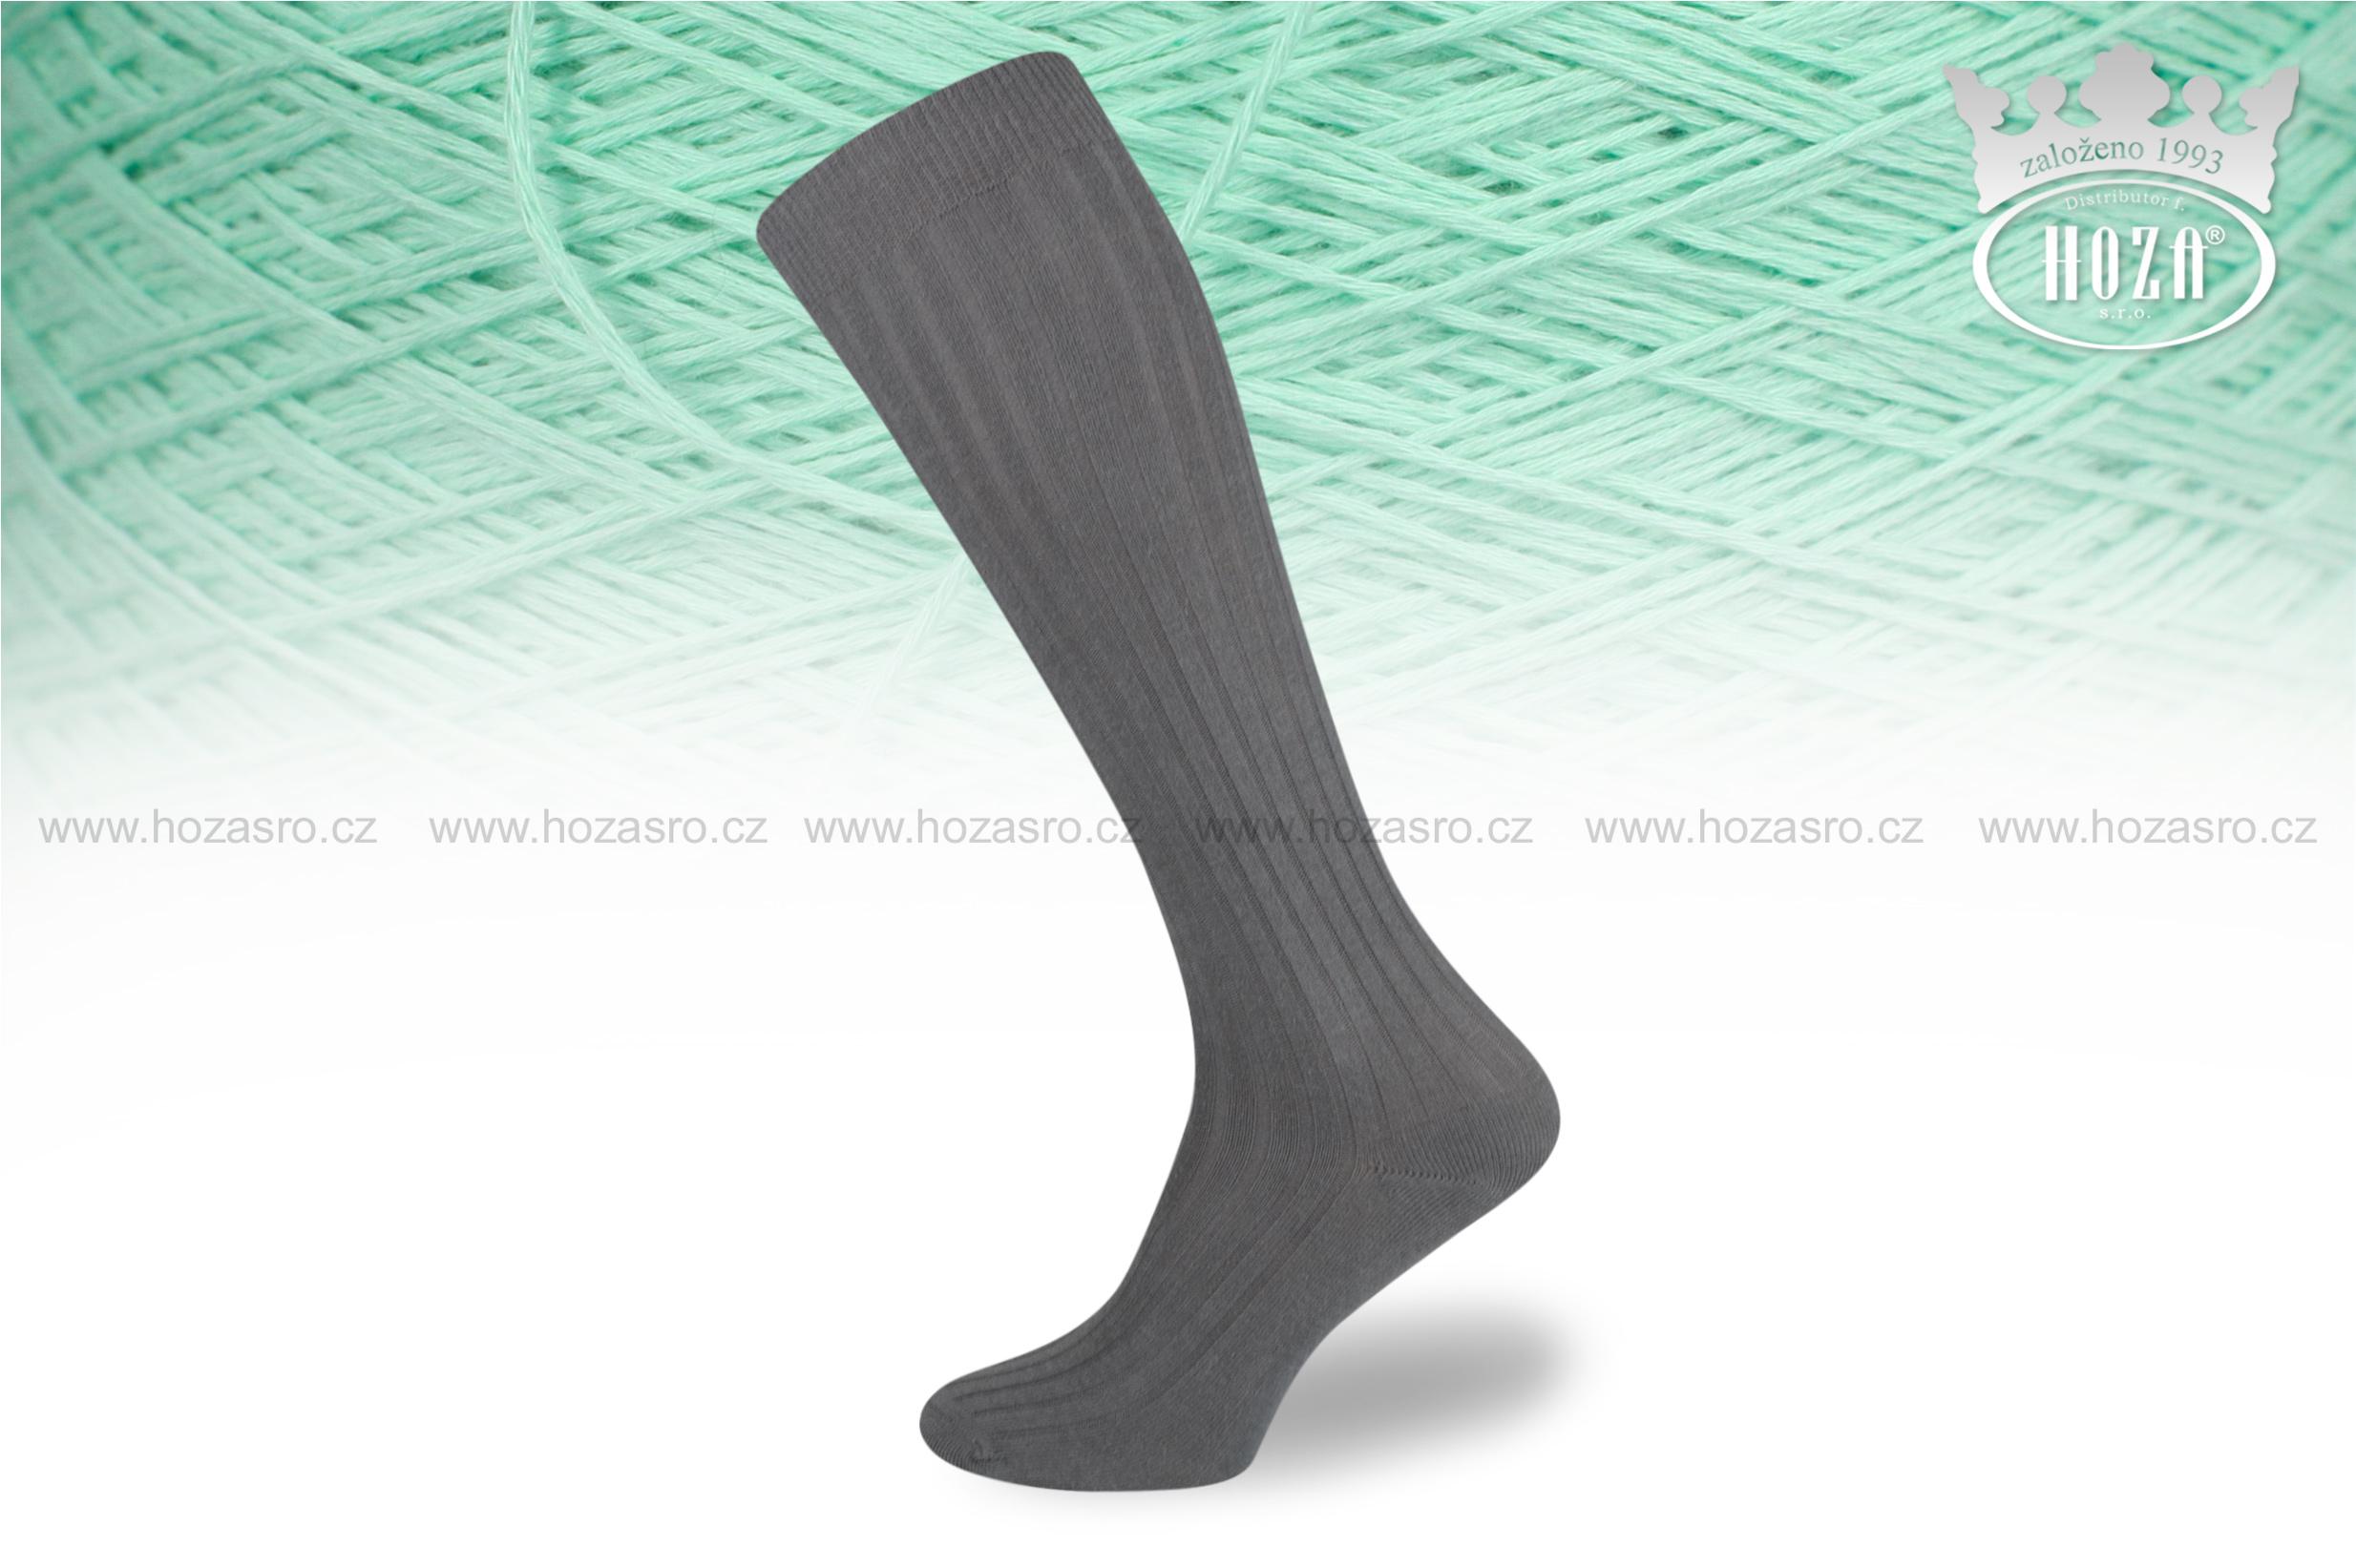 Ponožky pro dospělé » Podkolenky - e8a65ad5af